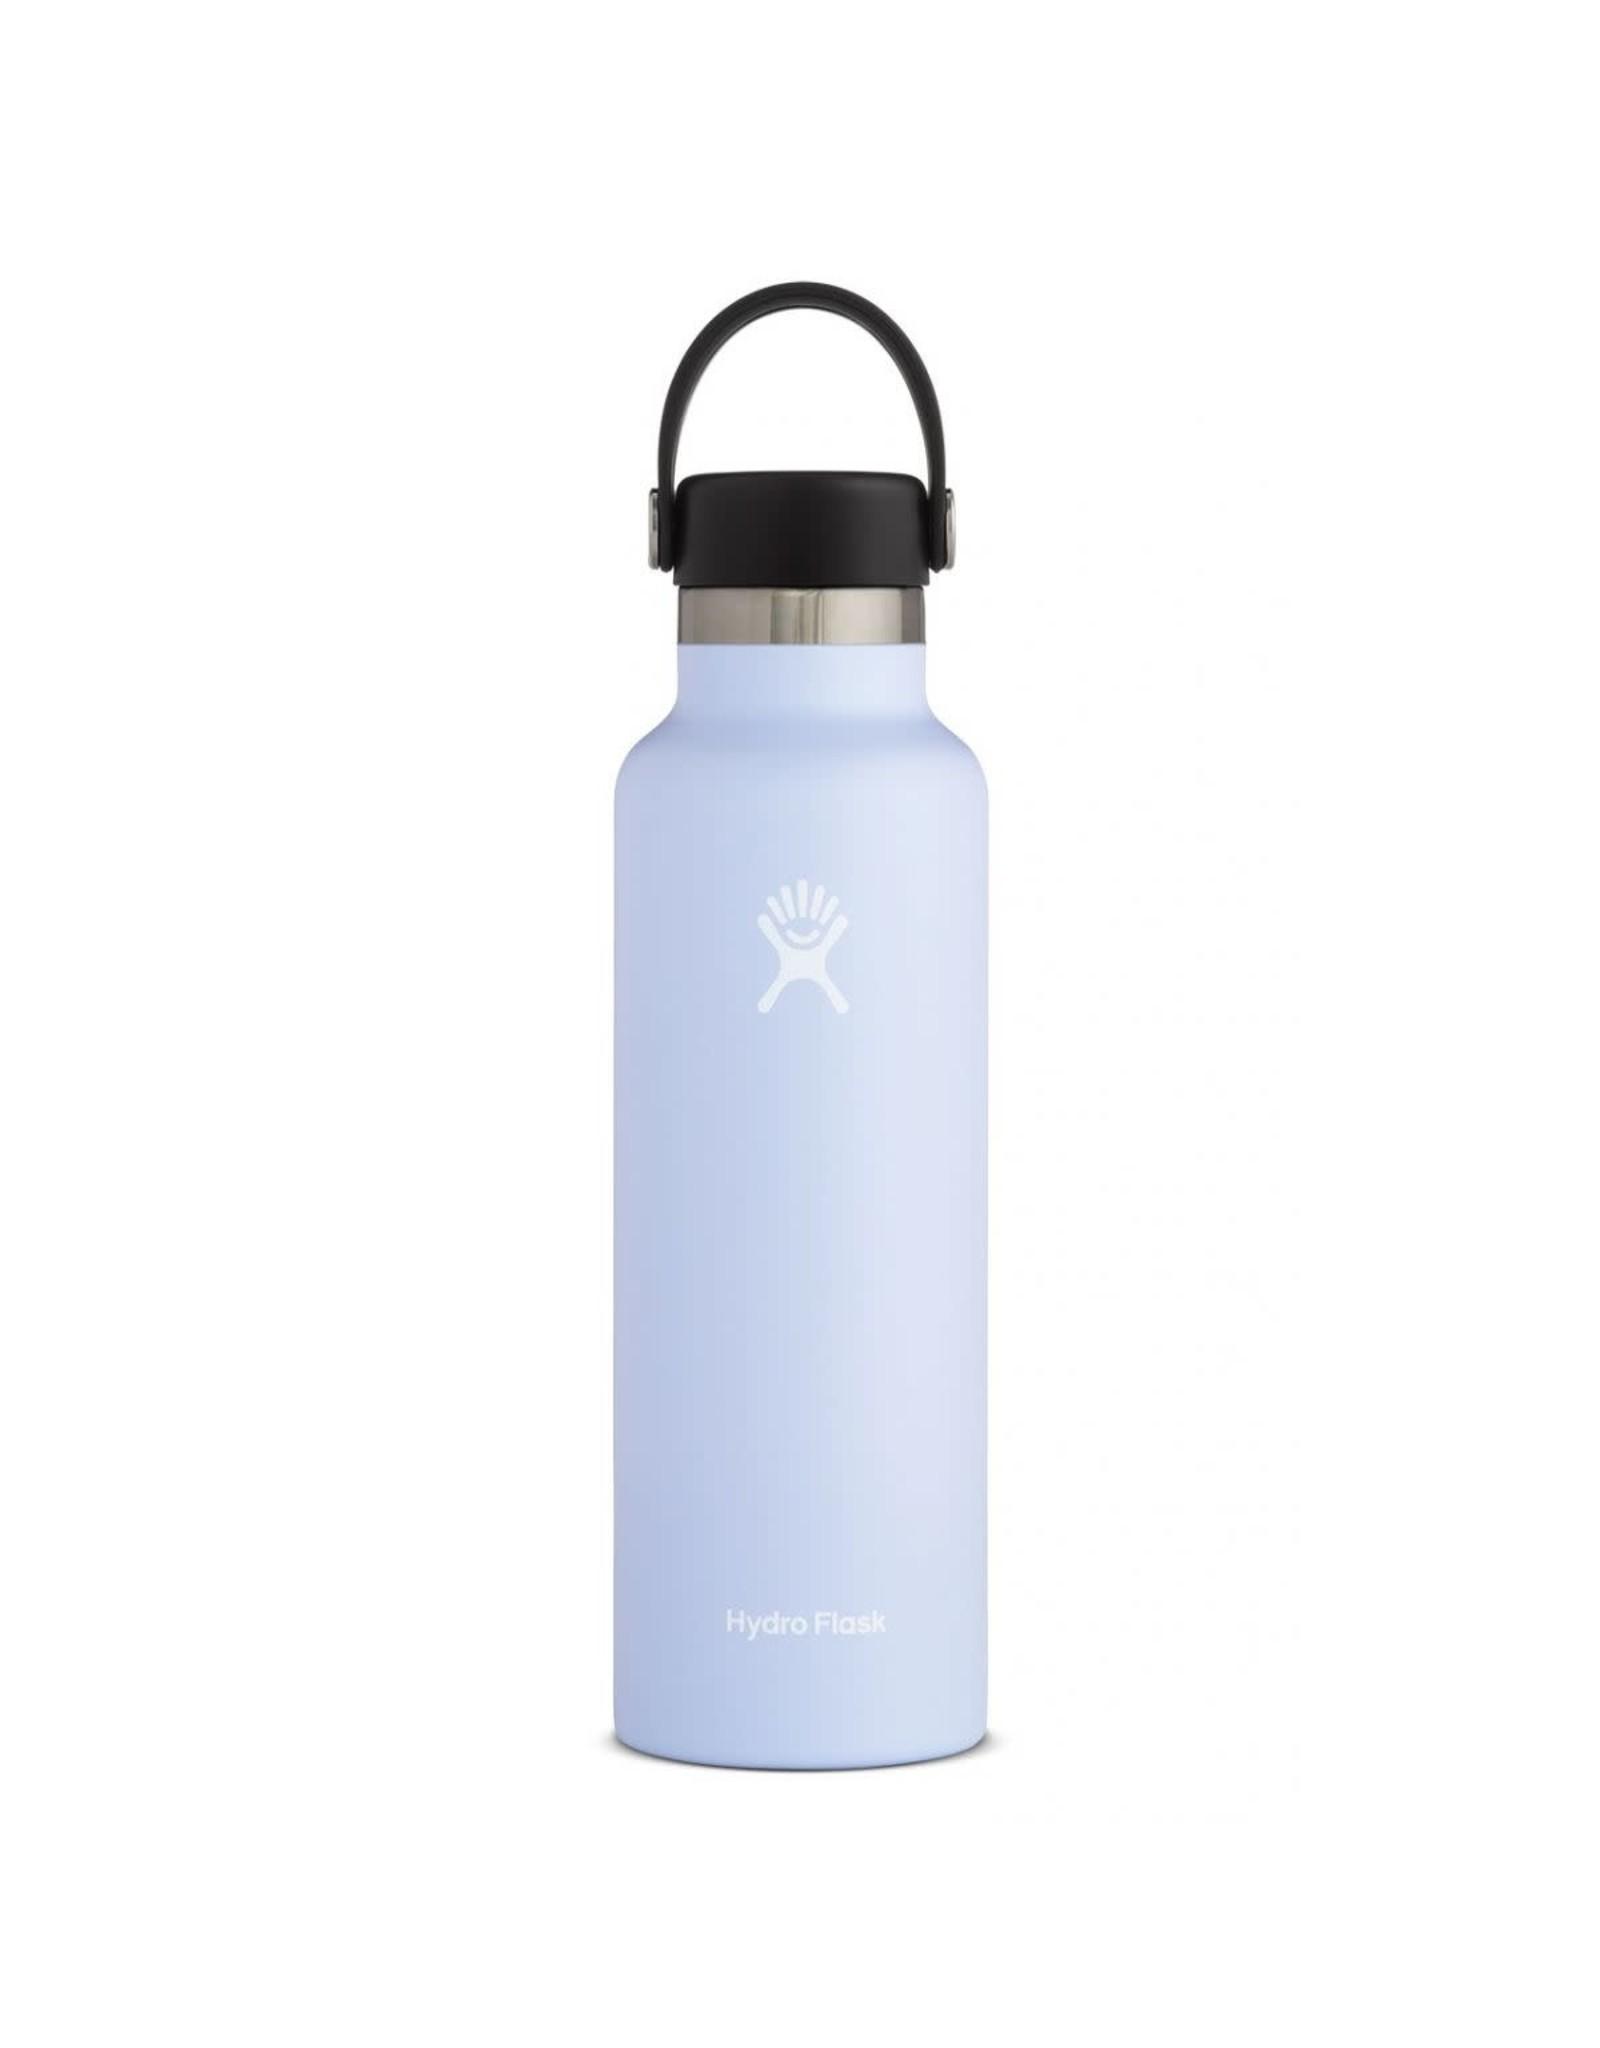 Hydro Flask Hydro Flask 21oz Standard Mouth Fog